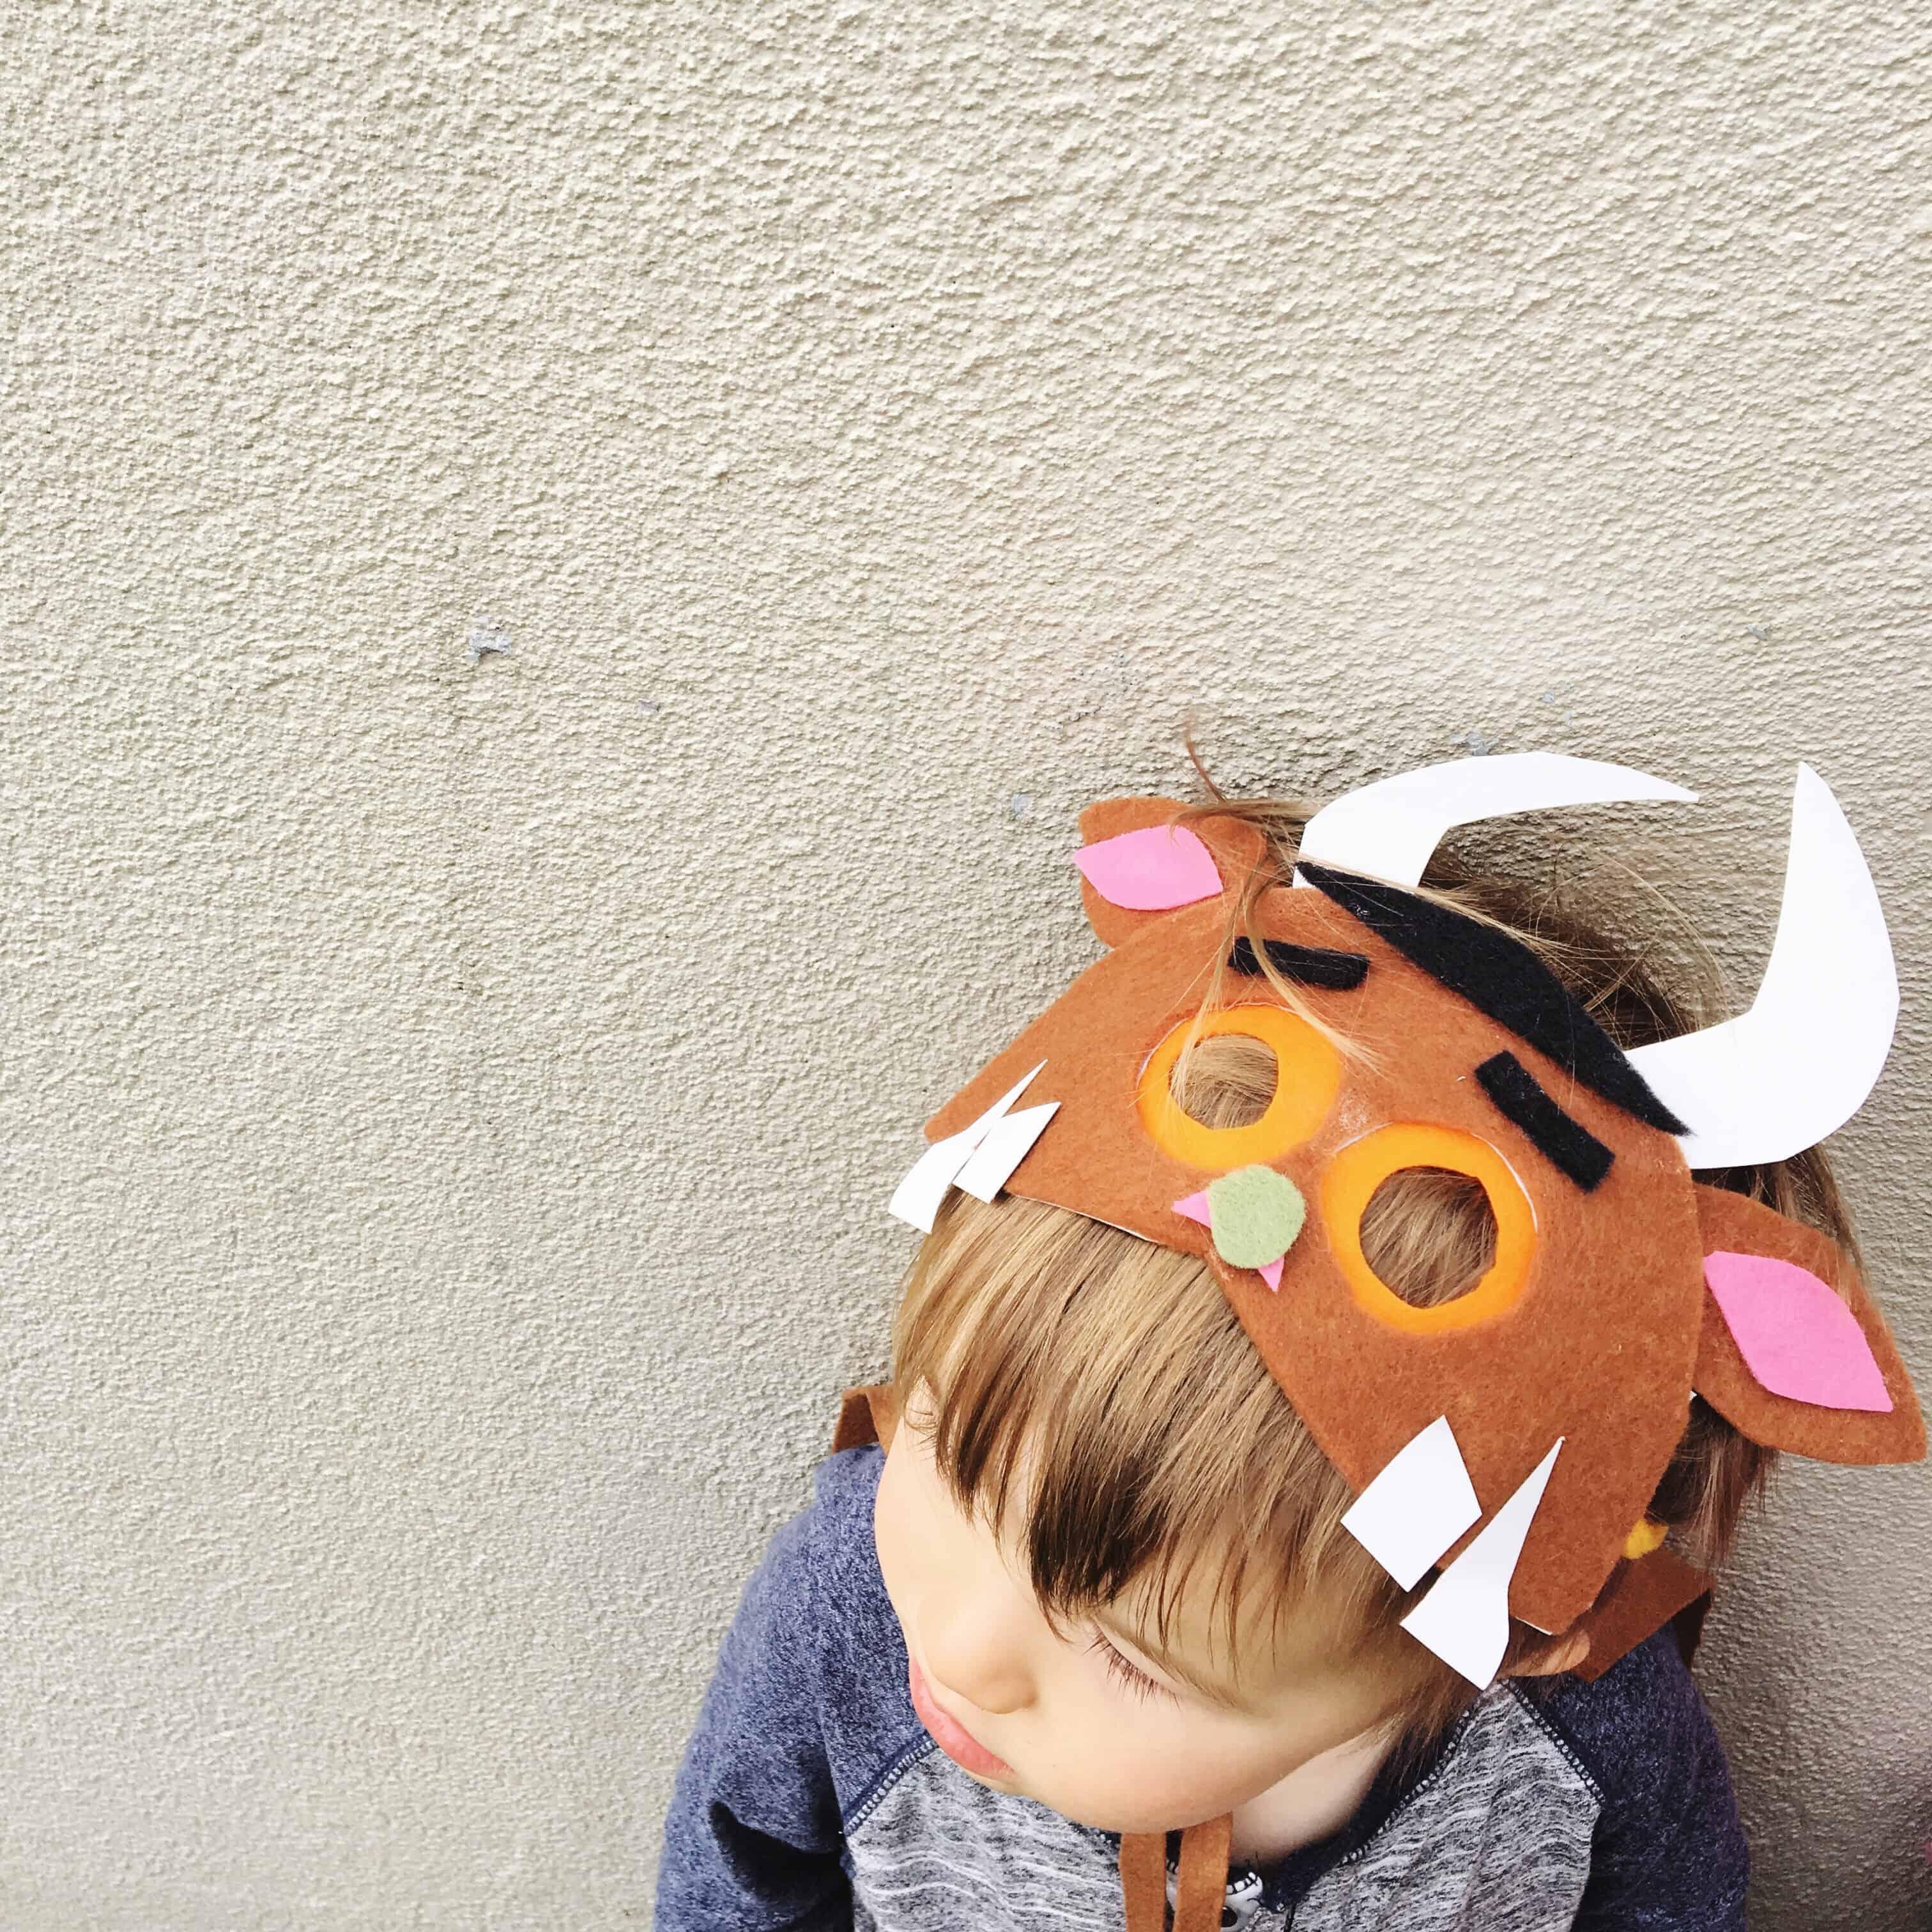 Gruffalo costumes